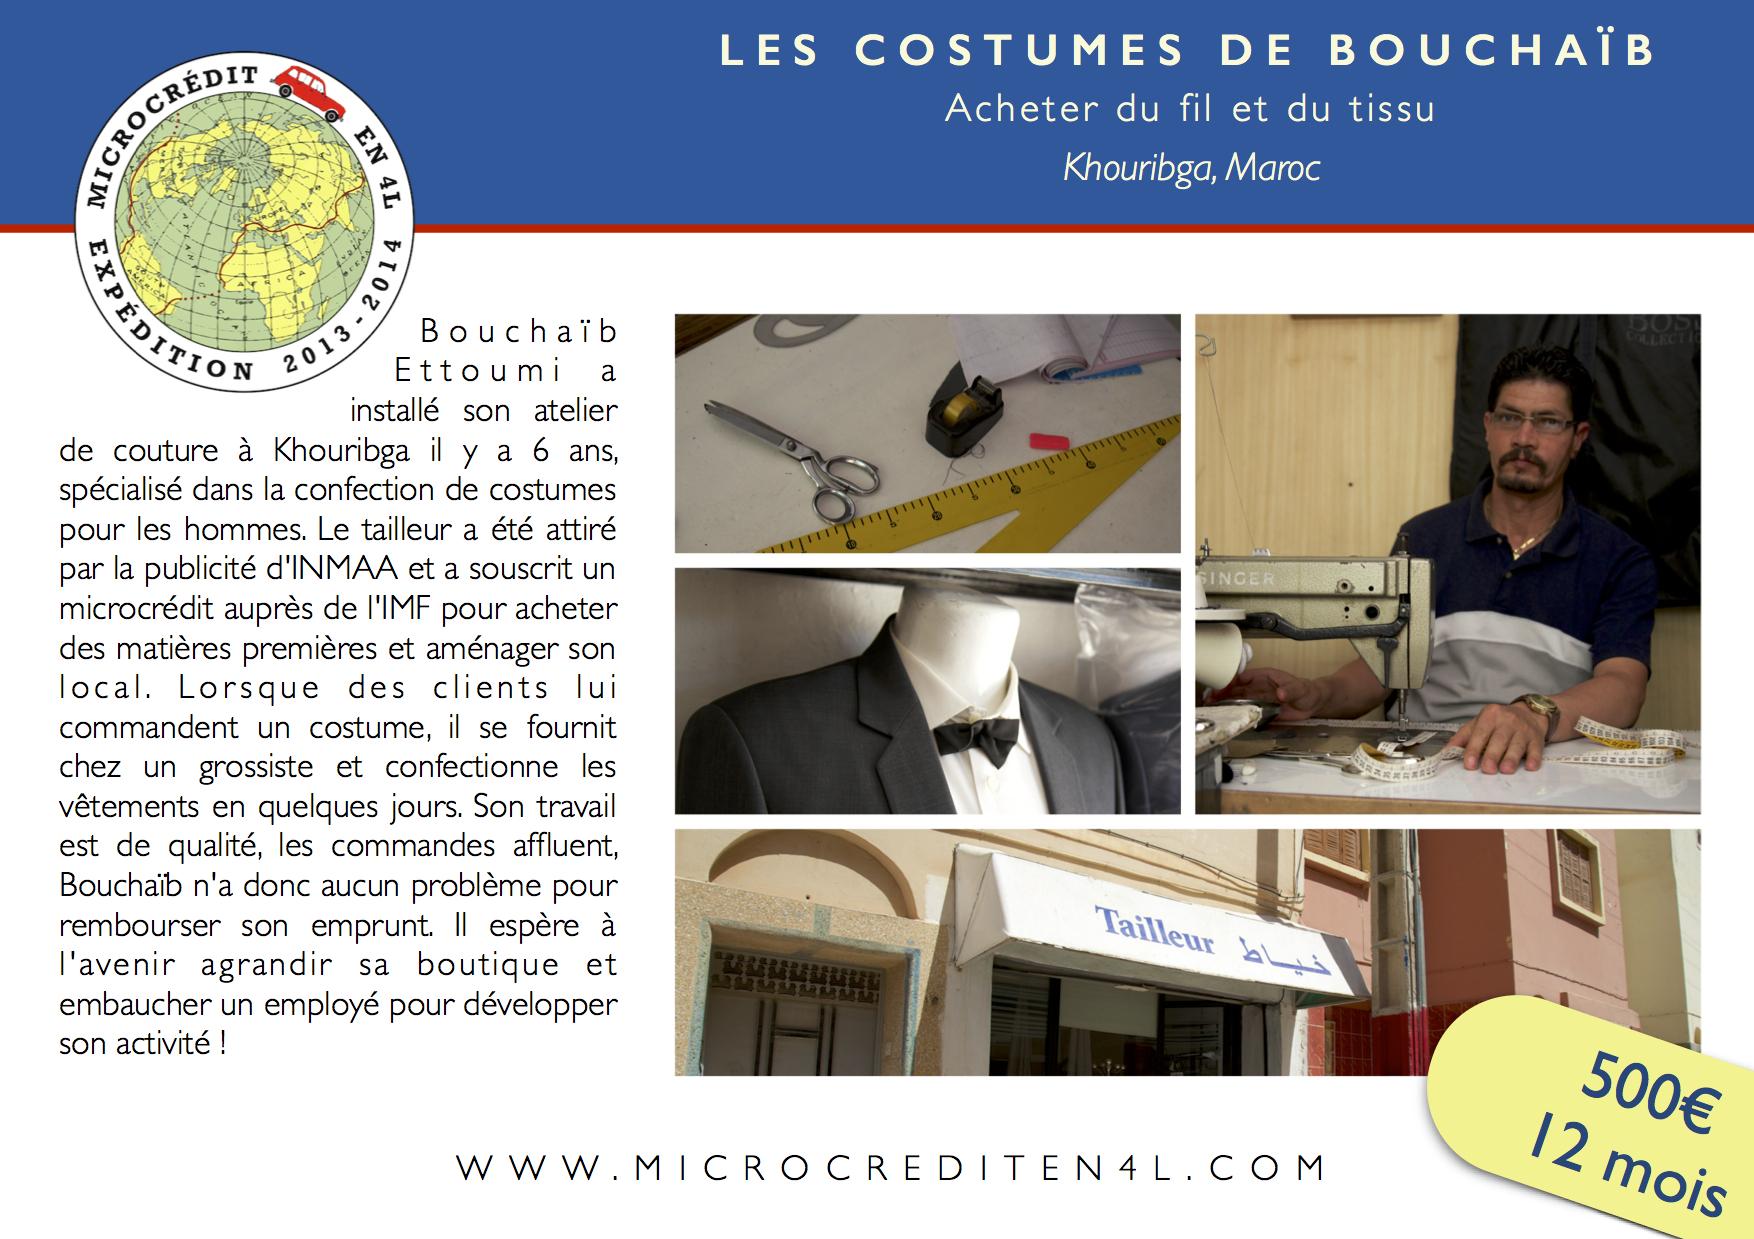 Les Costumes de Bouchaïb